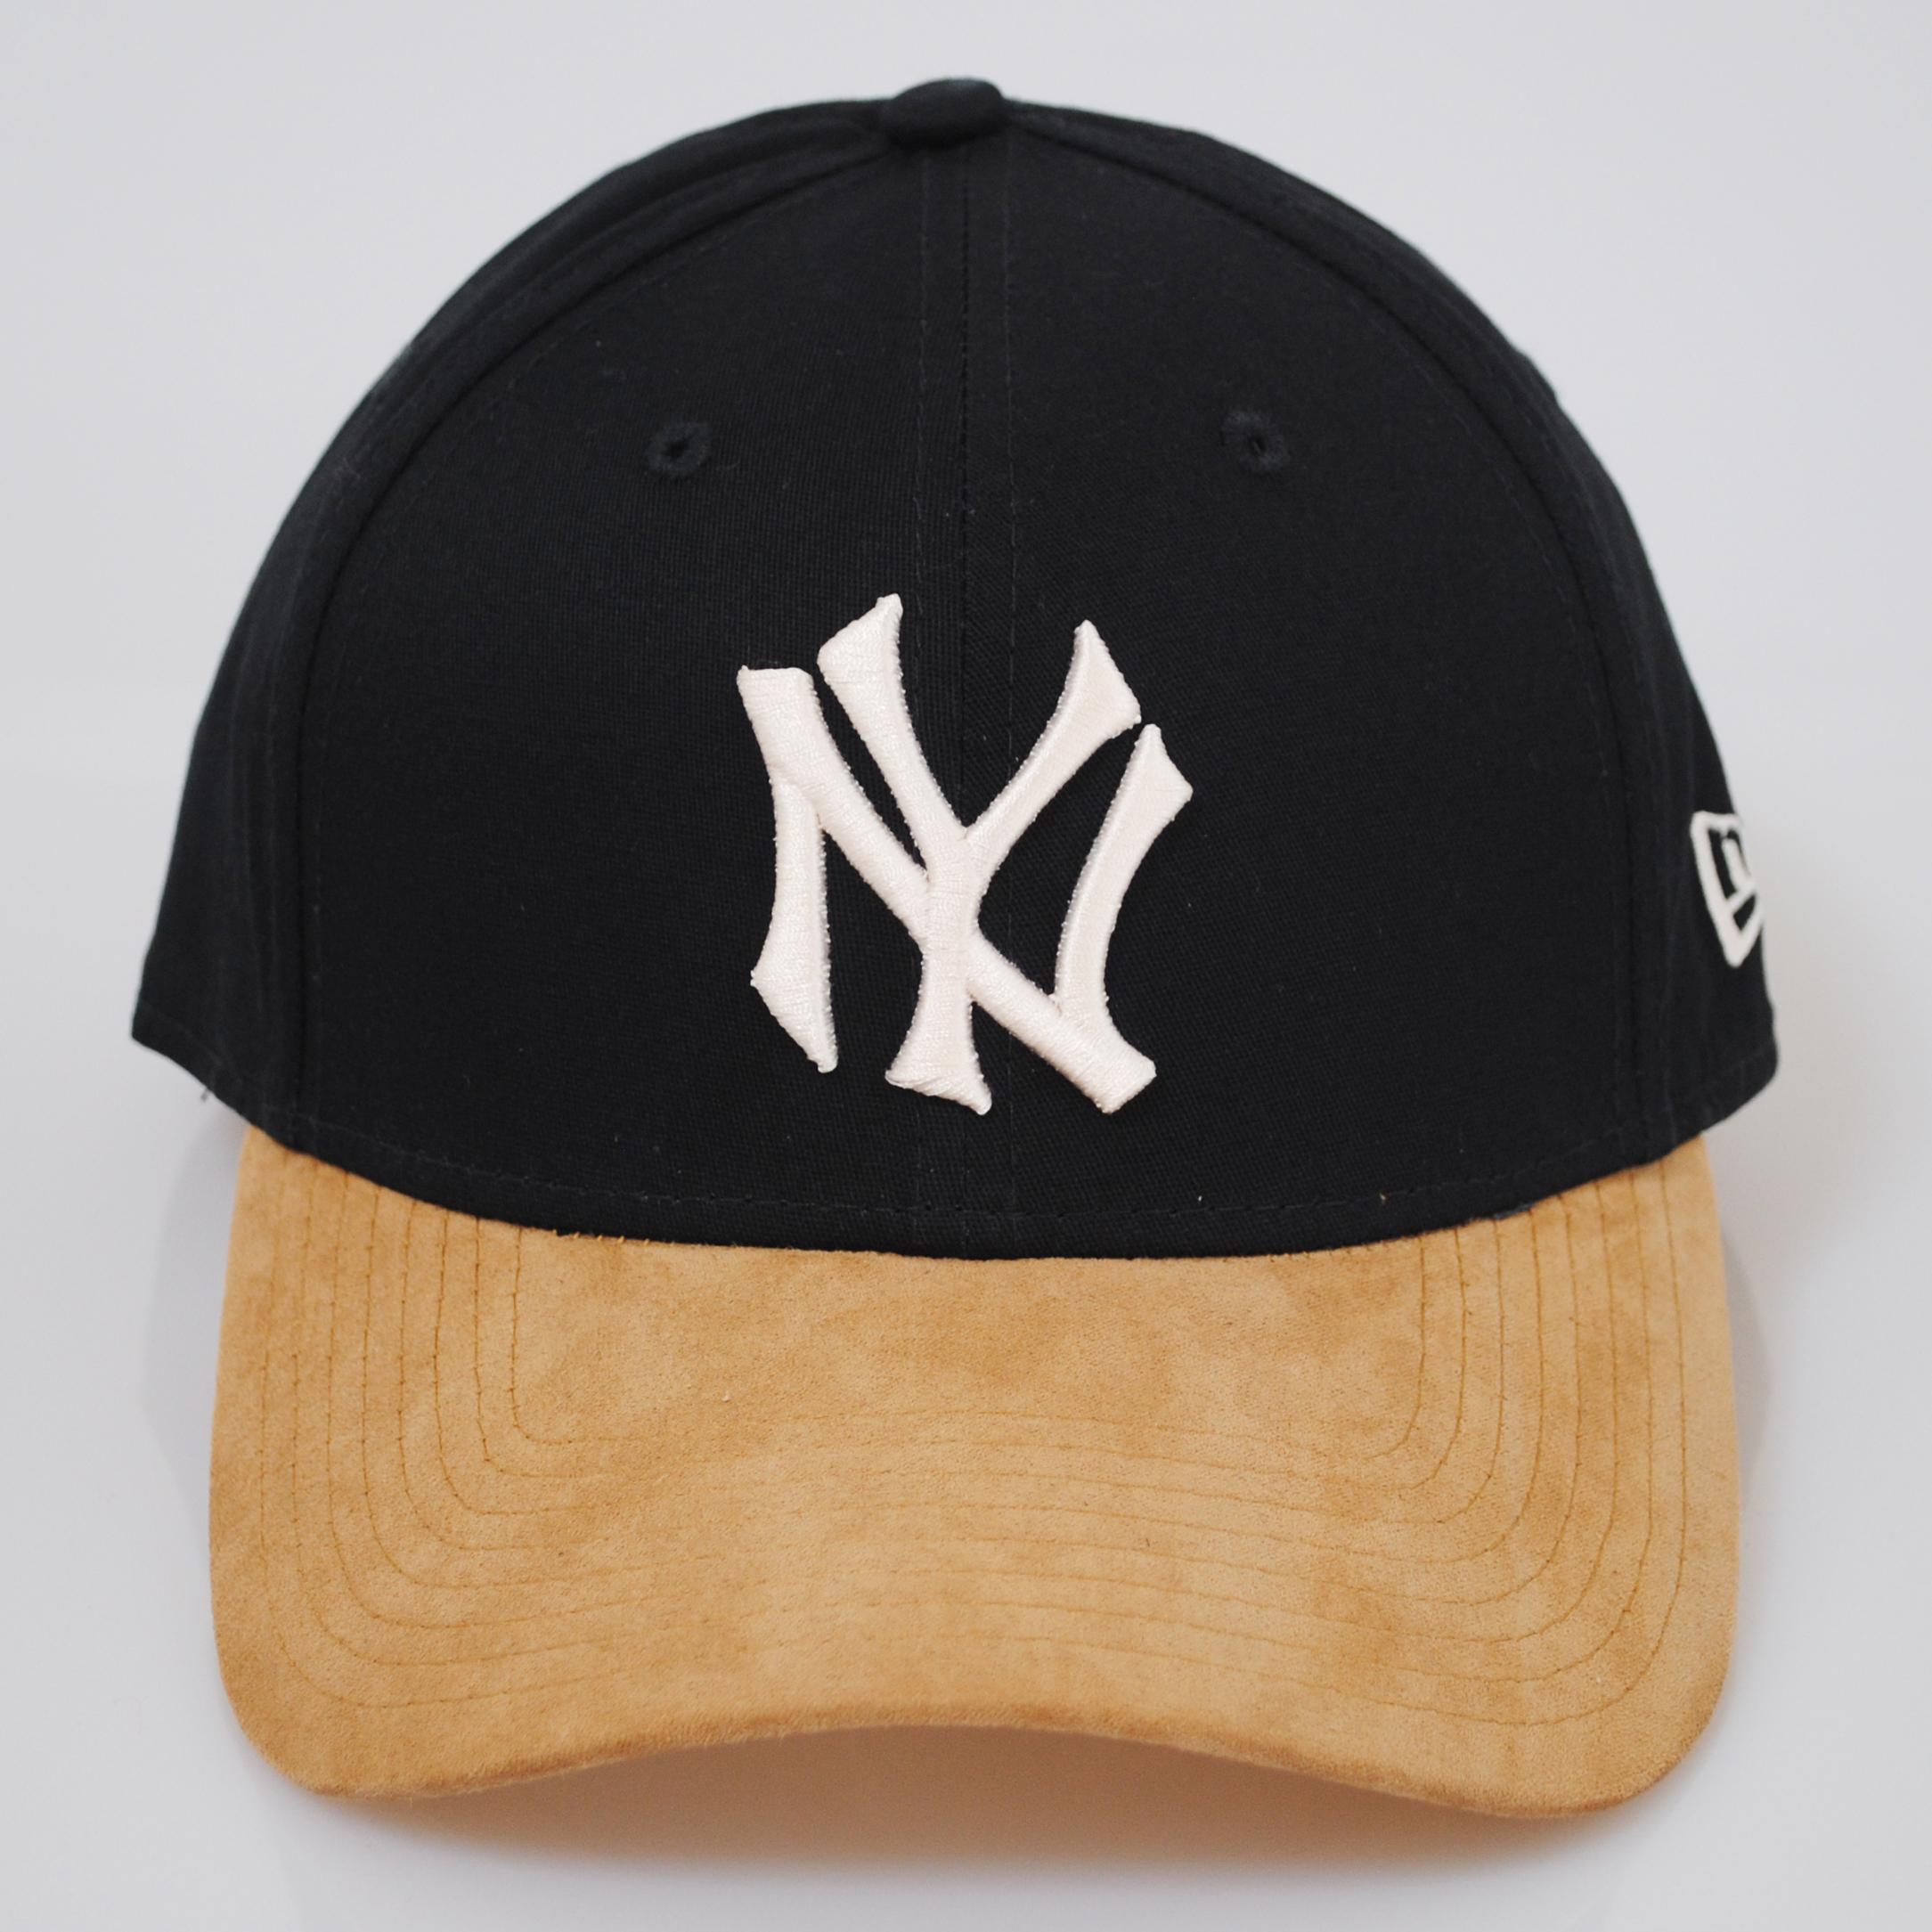 2d6f4c90f09 casquette new york daim. Vous voulez voir plus de Casquettes biens notés  par les internautes et pas cher